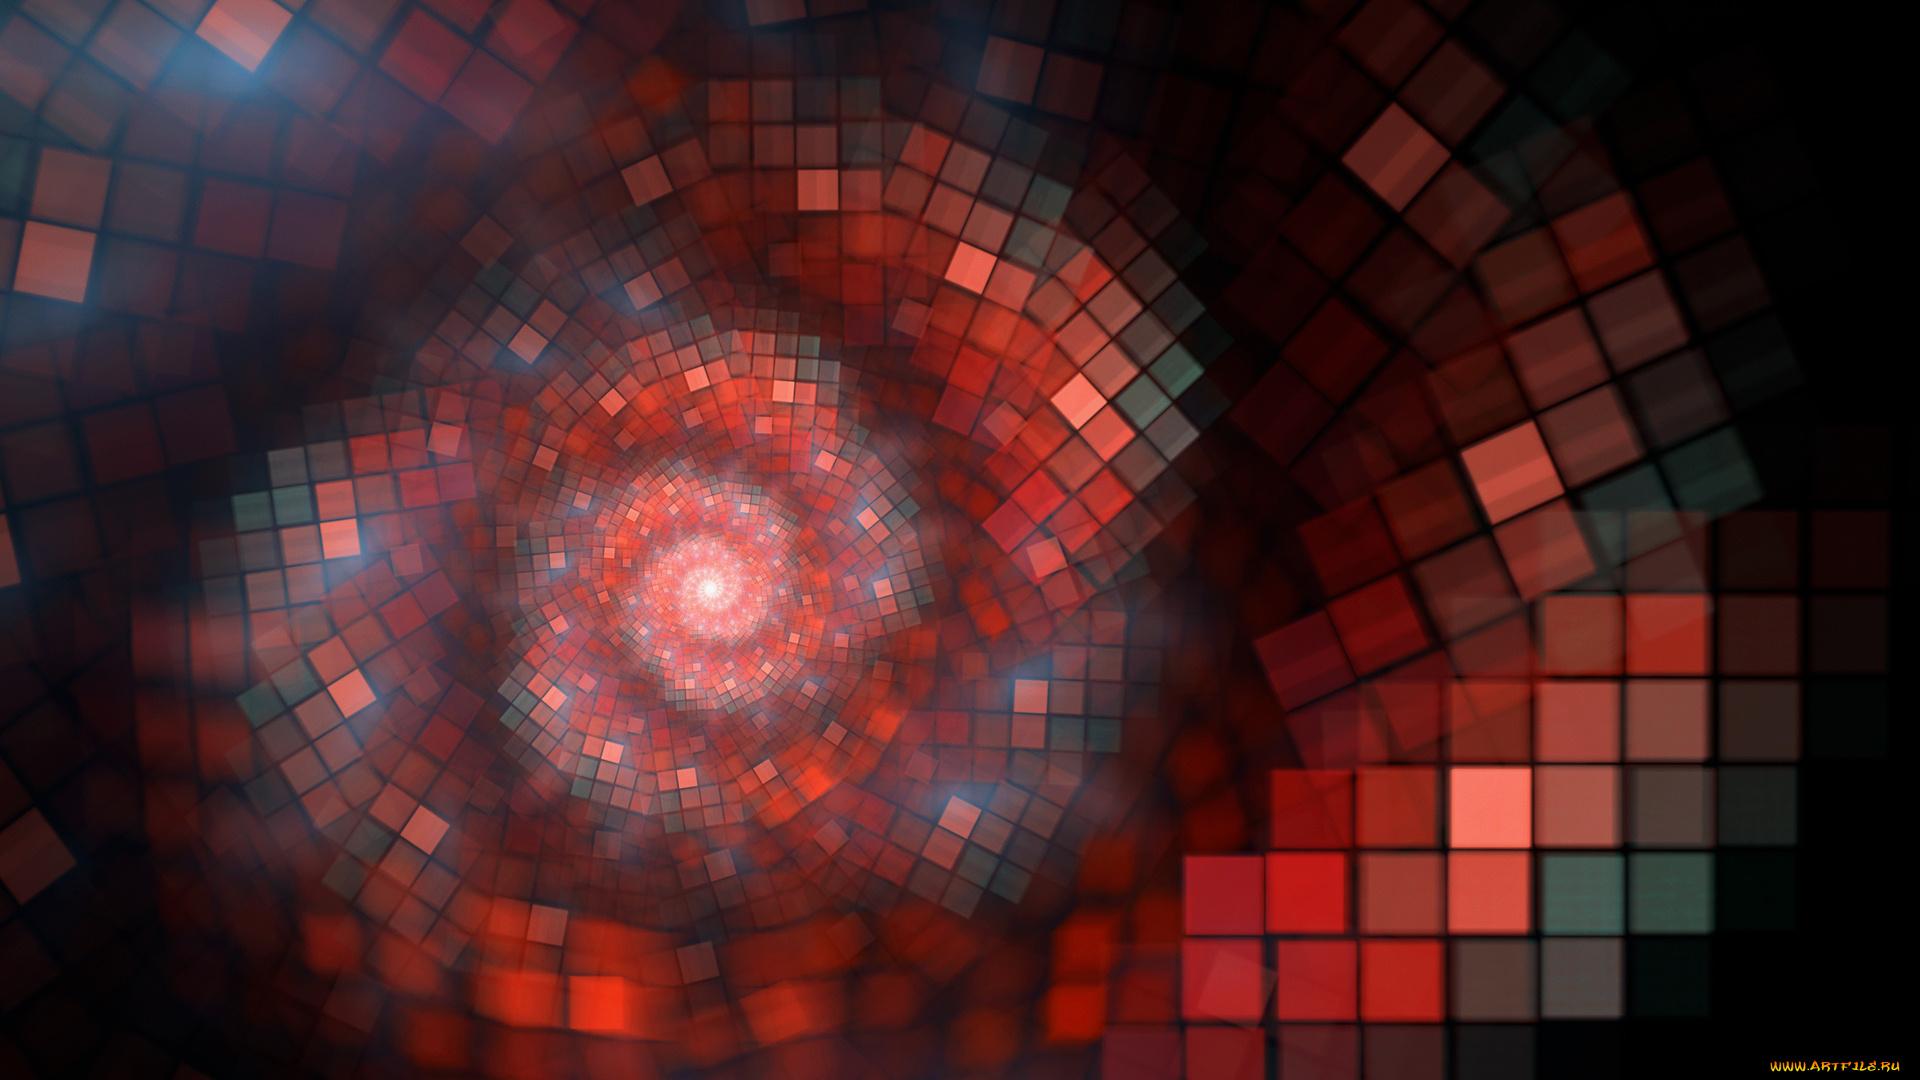 графика абстракция квадраты бесплатно